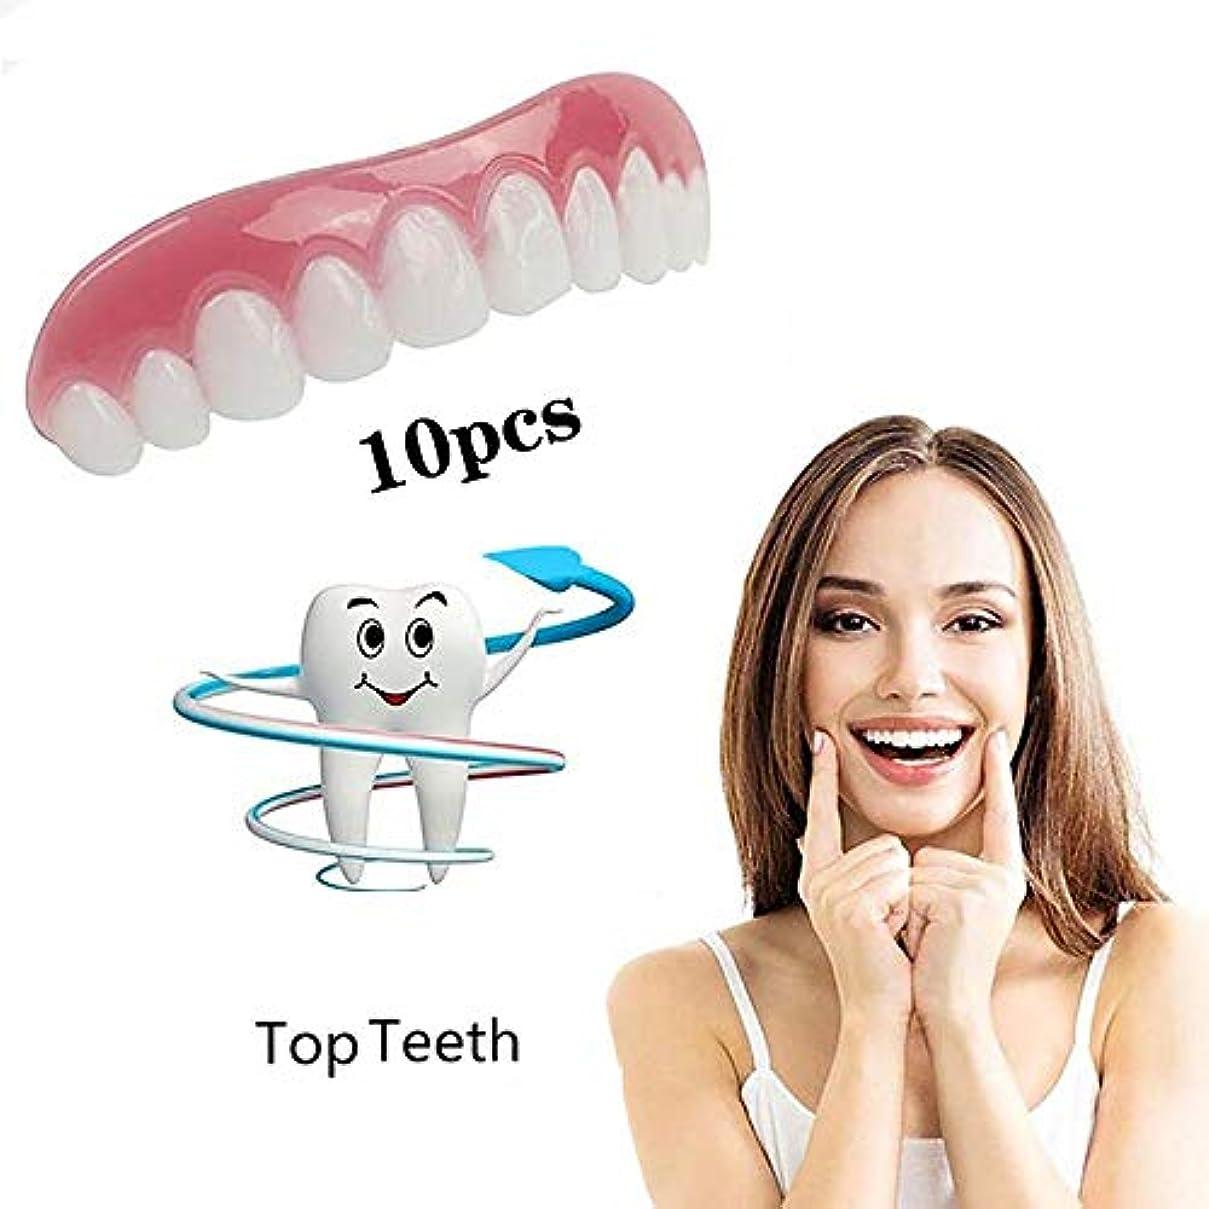 タンカーエレベーター校長10個偽の歯アッパー偽の偽の歯カバースナップオン即時の歯の化粧品義歯のケアオーラルケアシリコーンホワイトニング義歯